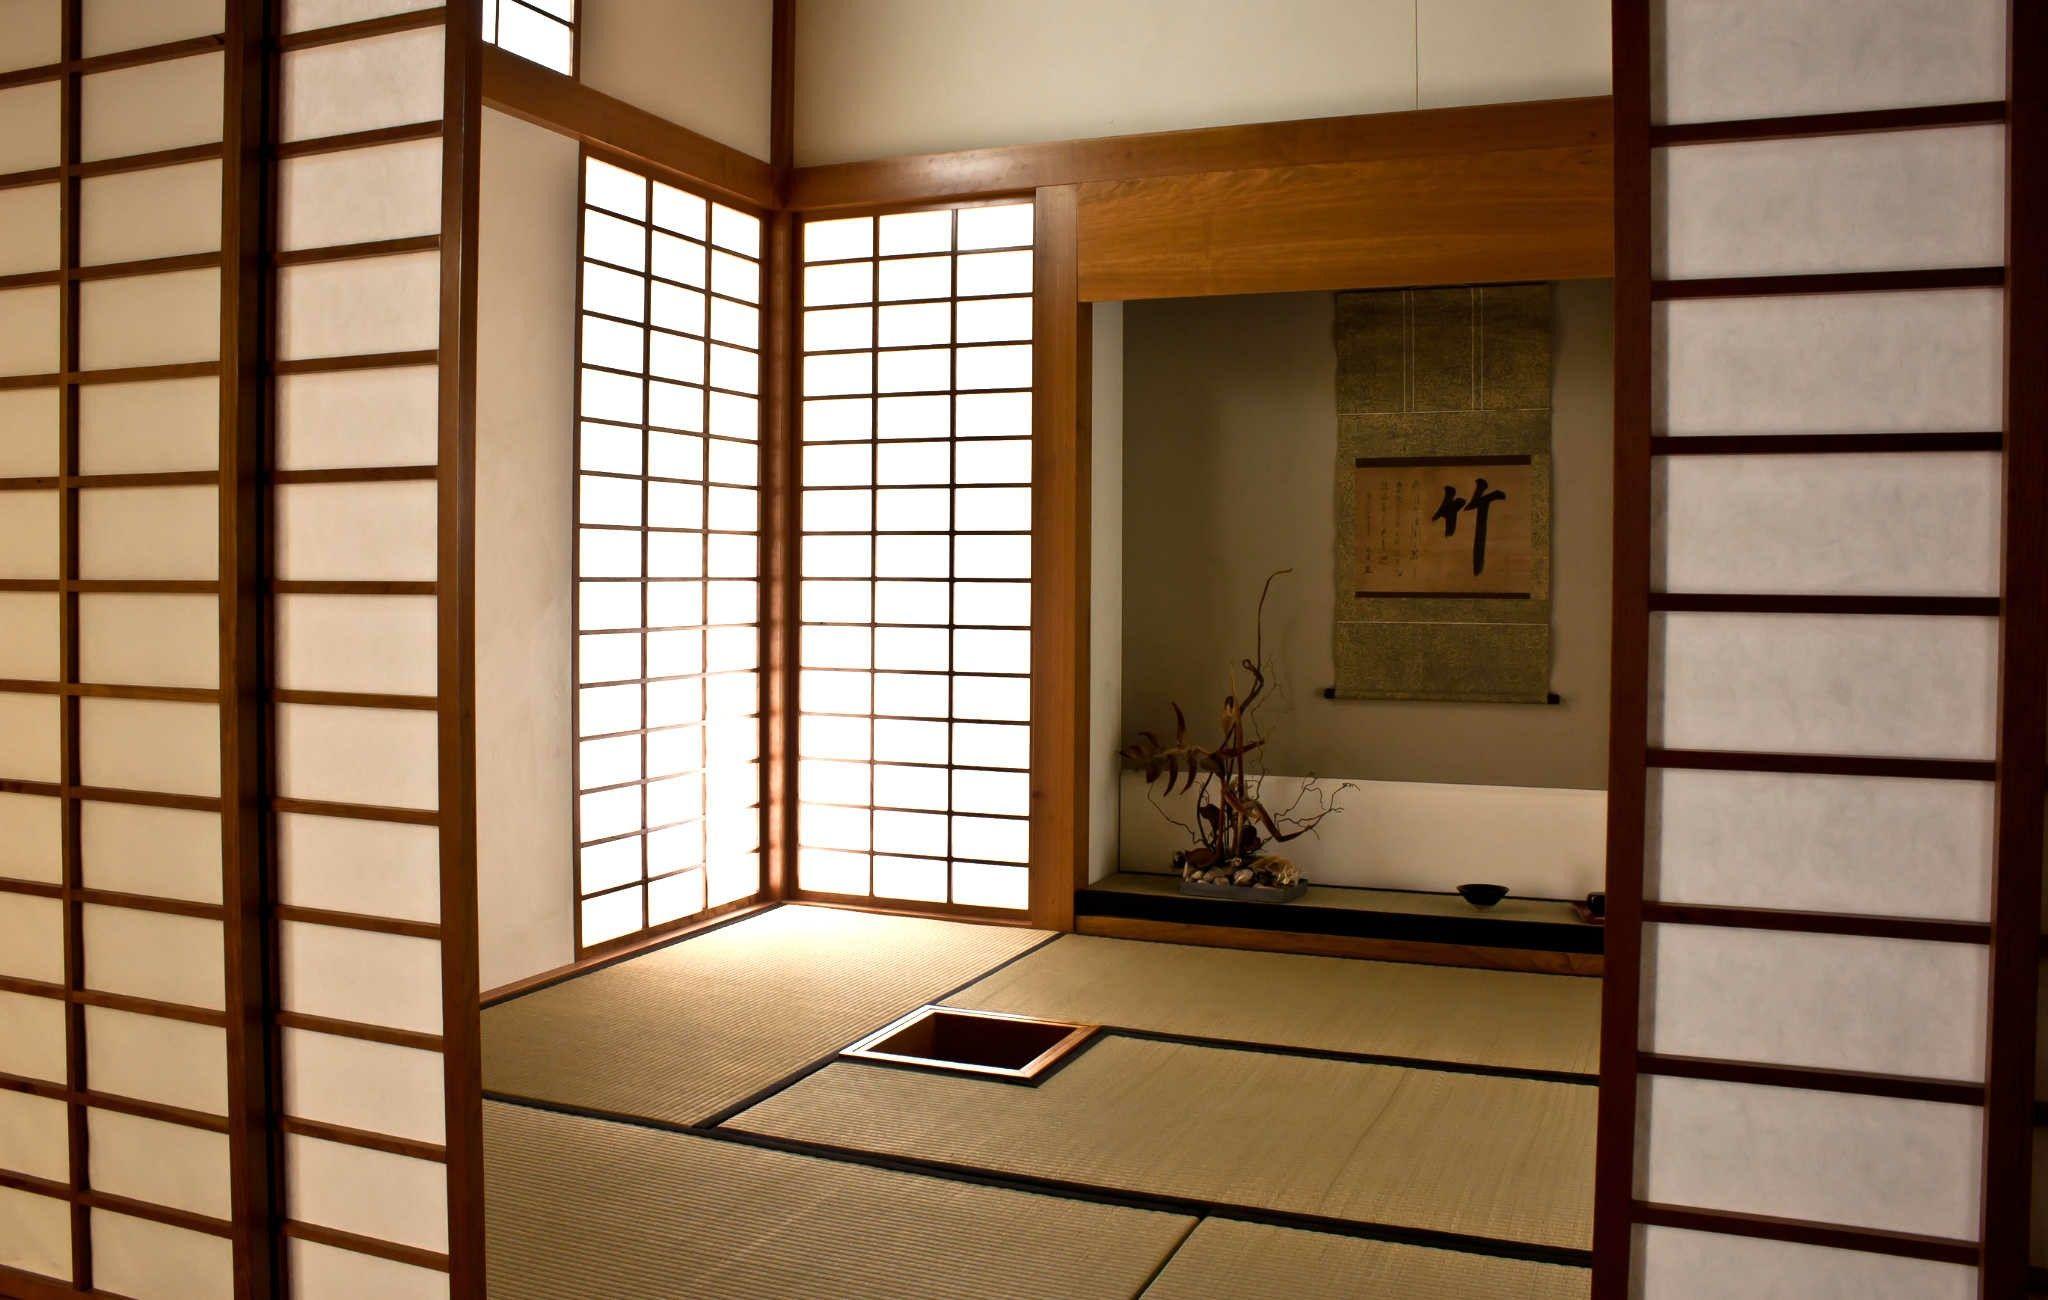 Interieur Maison Japonaise Traditionnelle Épinglé par miloszrdni istván sur szep dolgok/ nice things